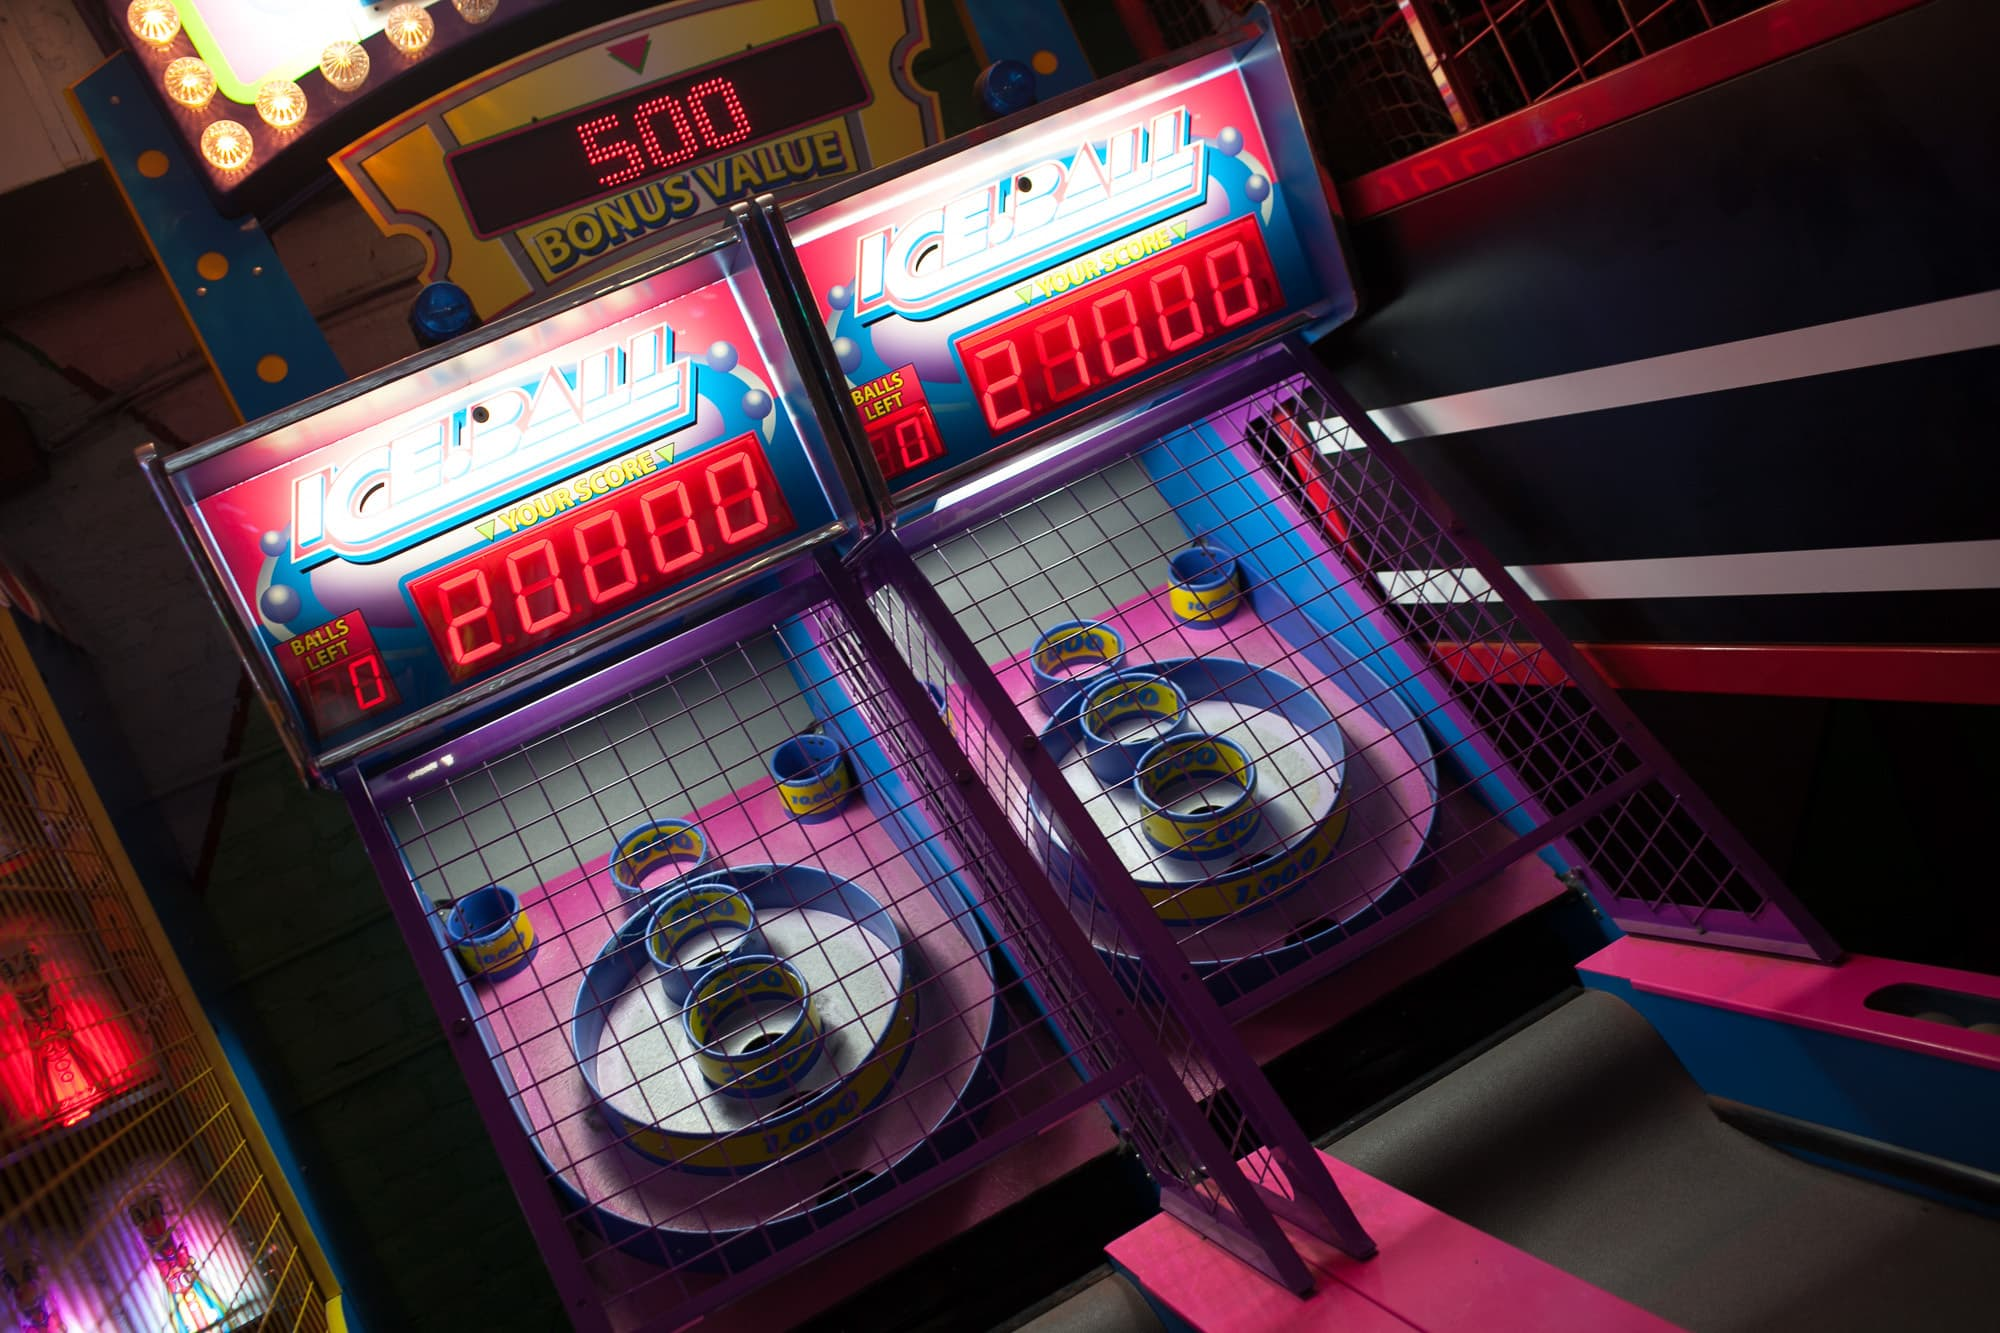 Skeeball at Chinatown Arcade